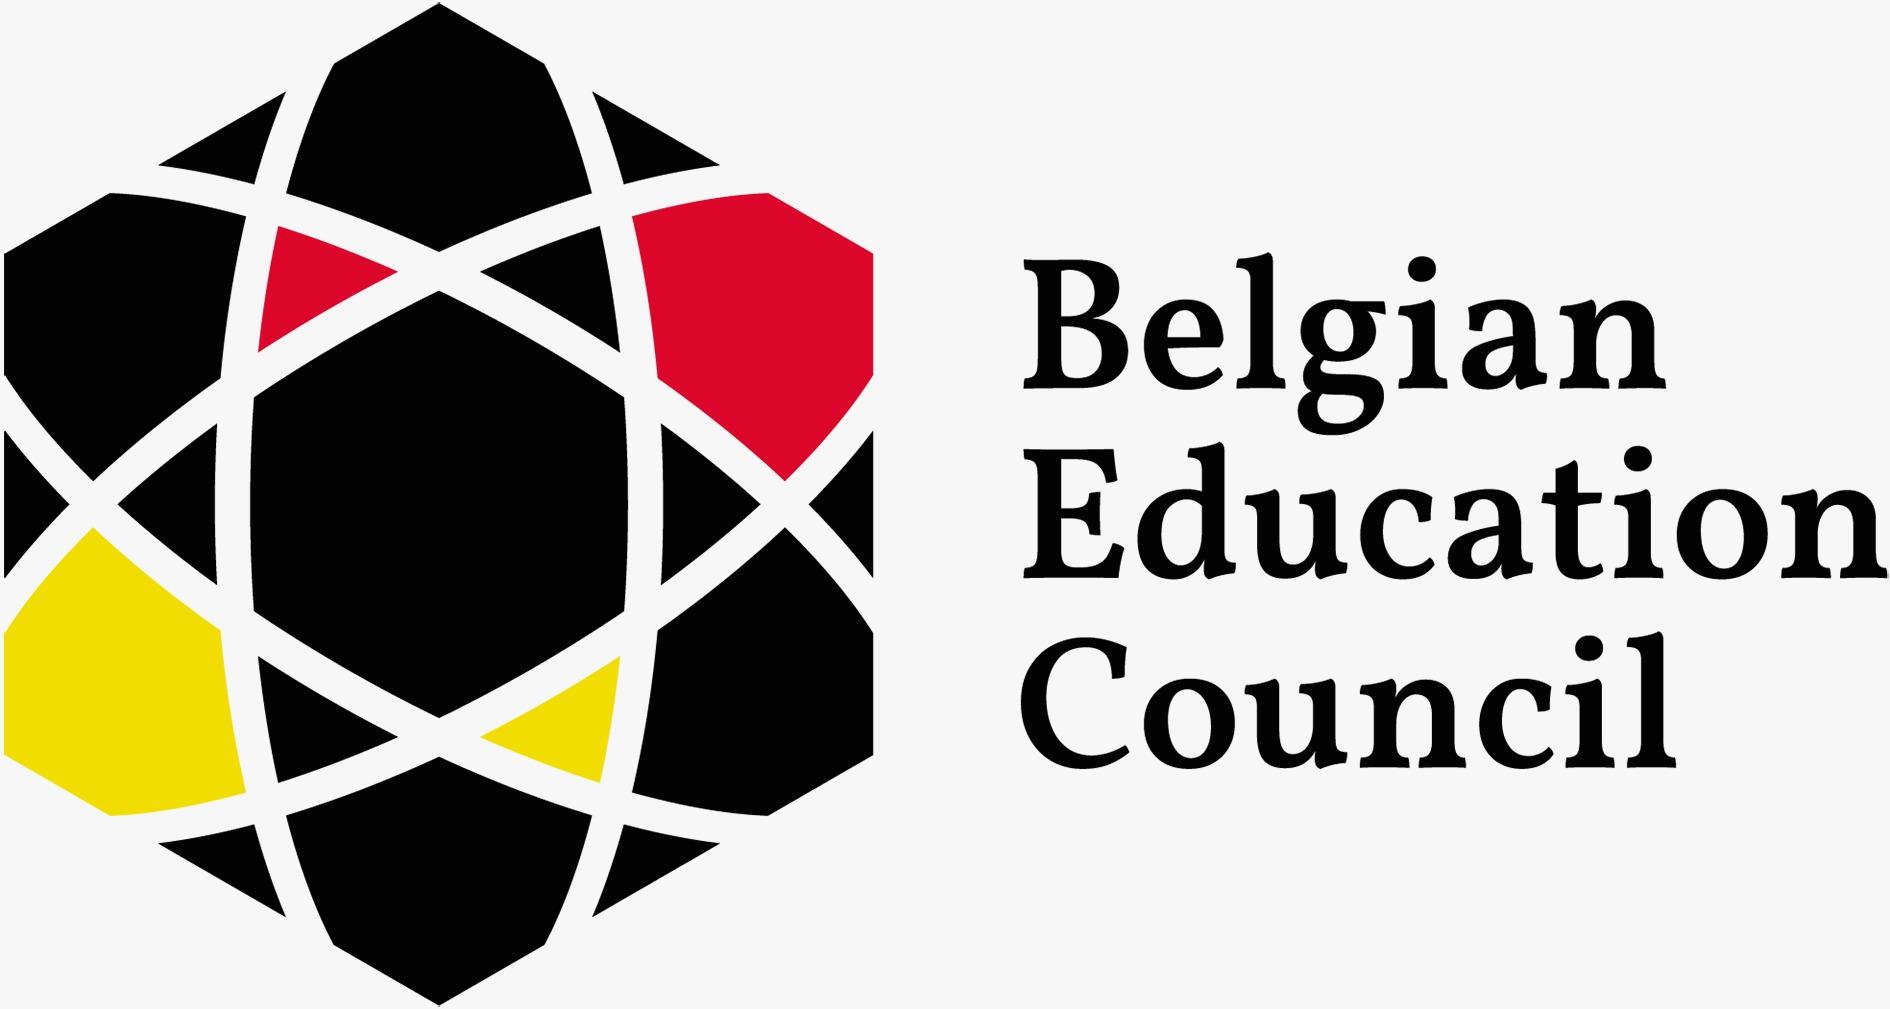 Belgian Education Council